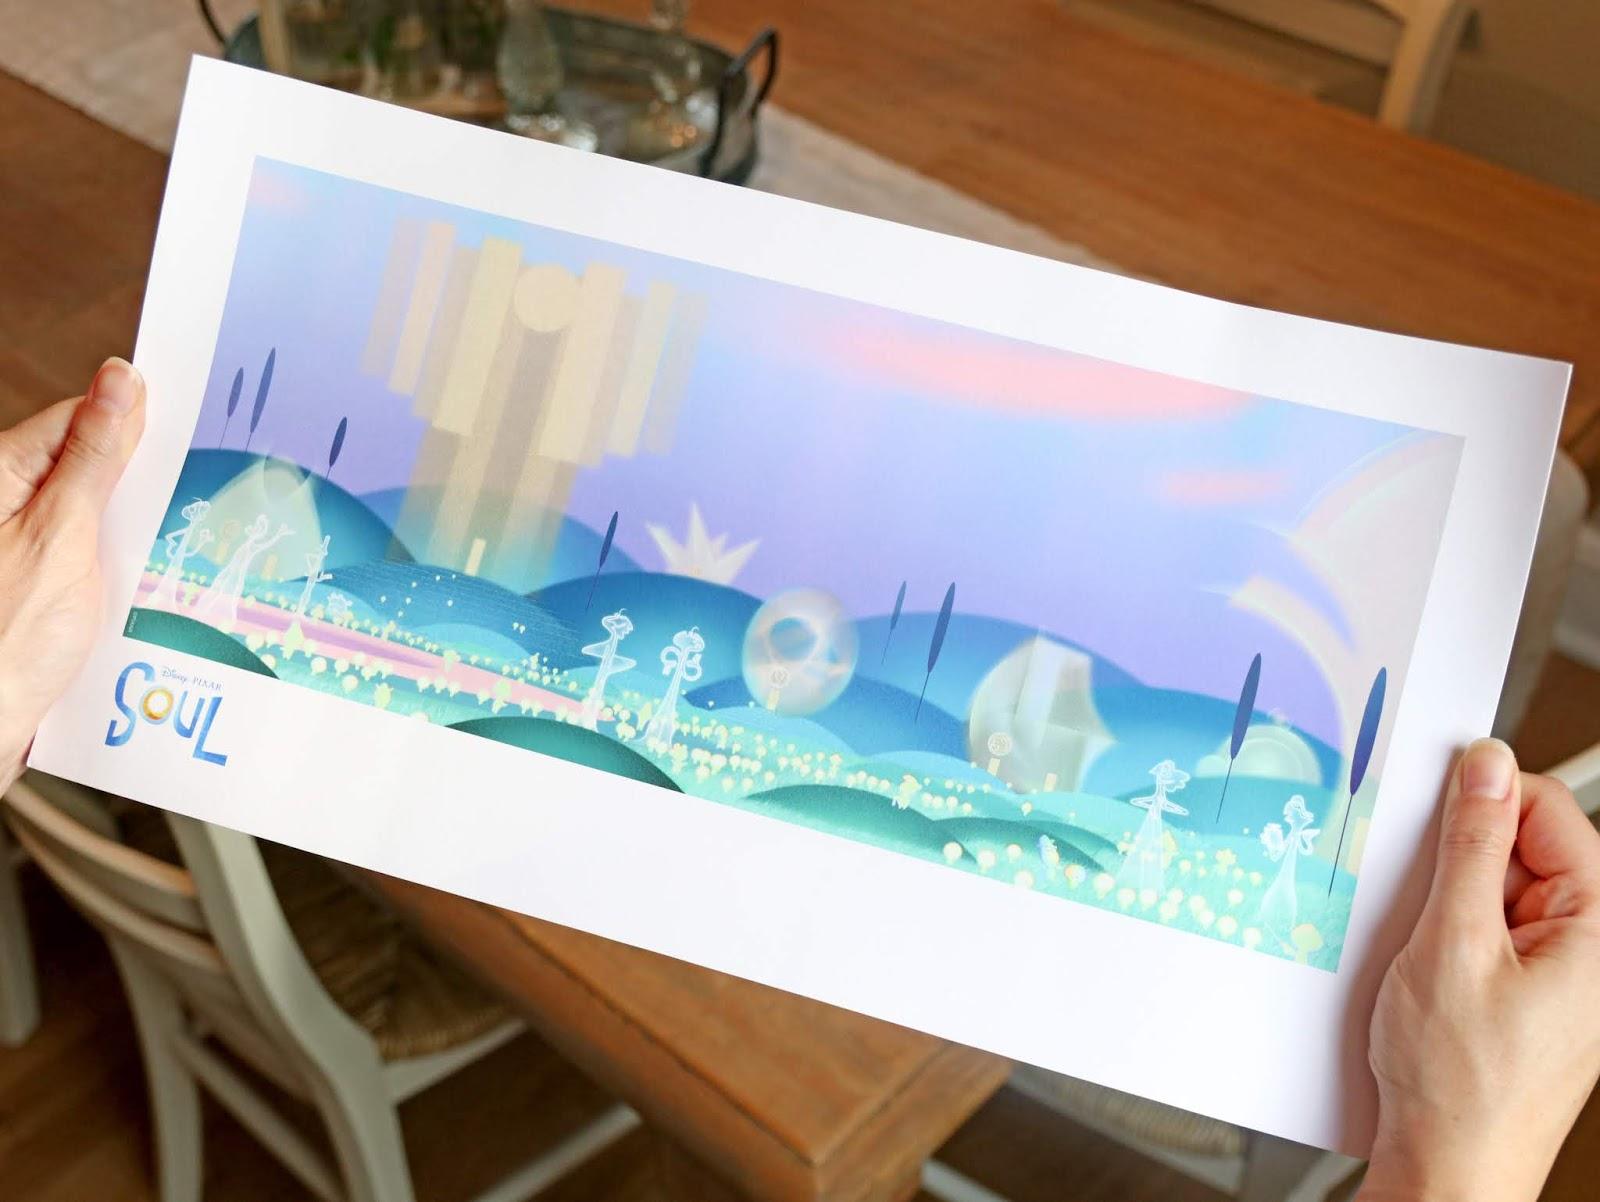 pixar soul d23 expo concept art lithograph